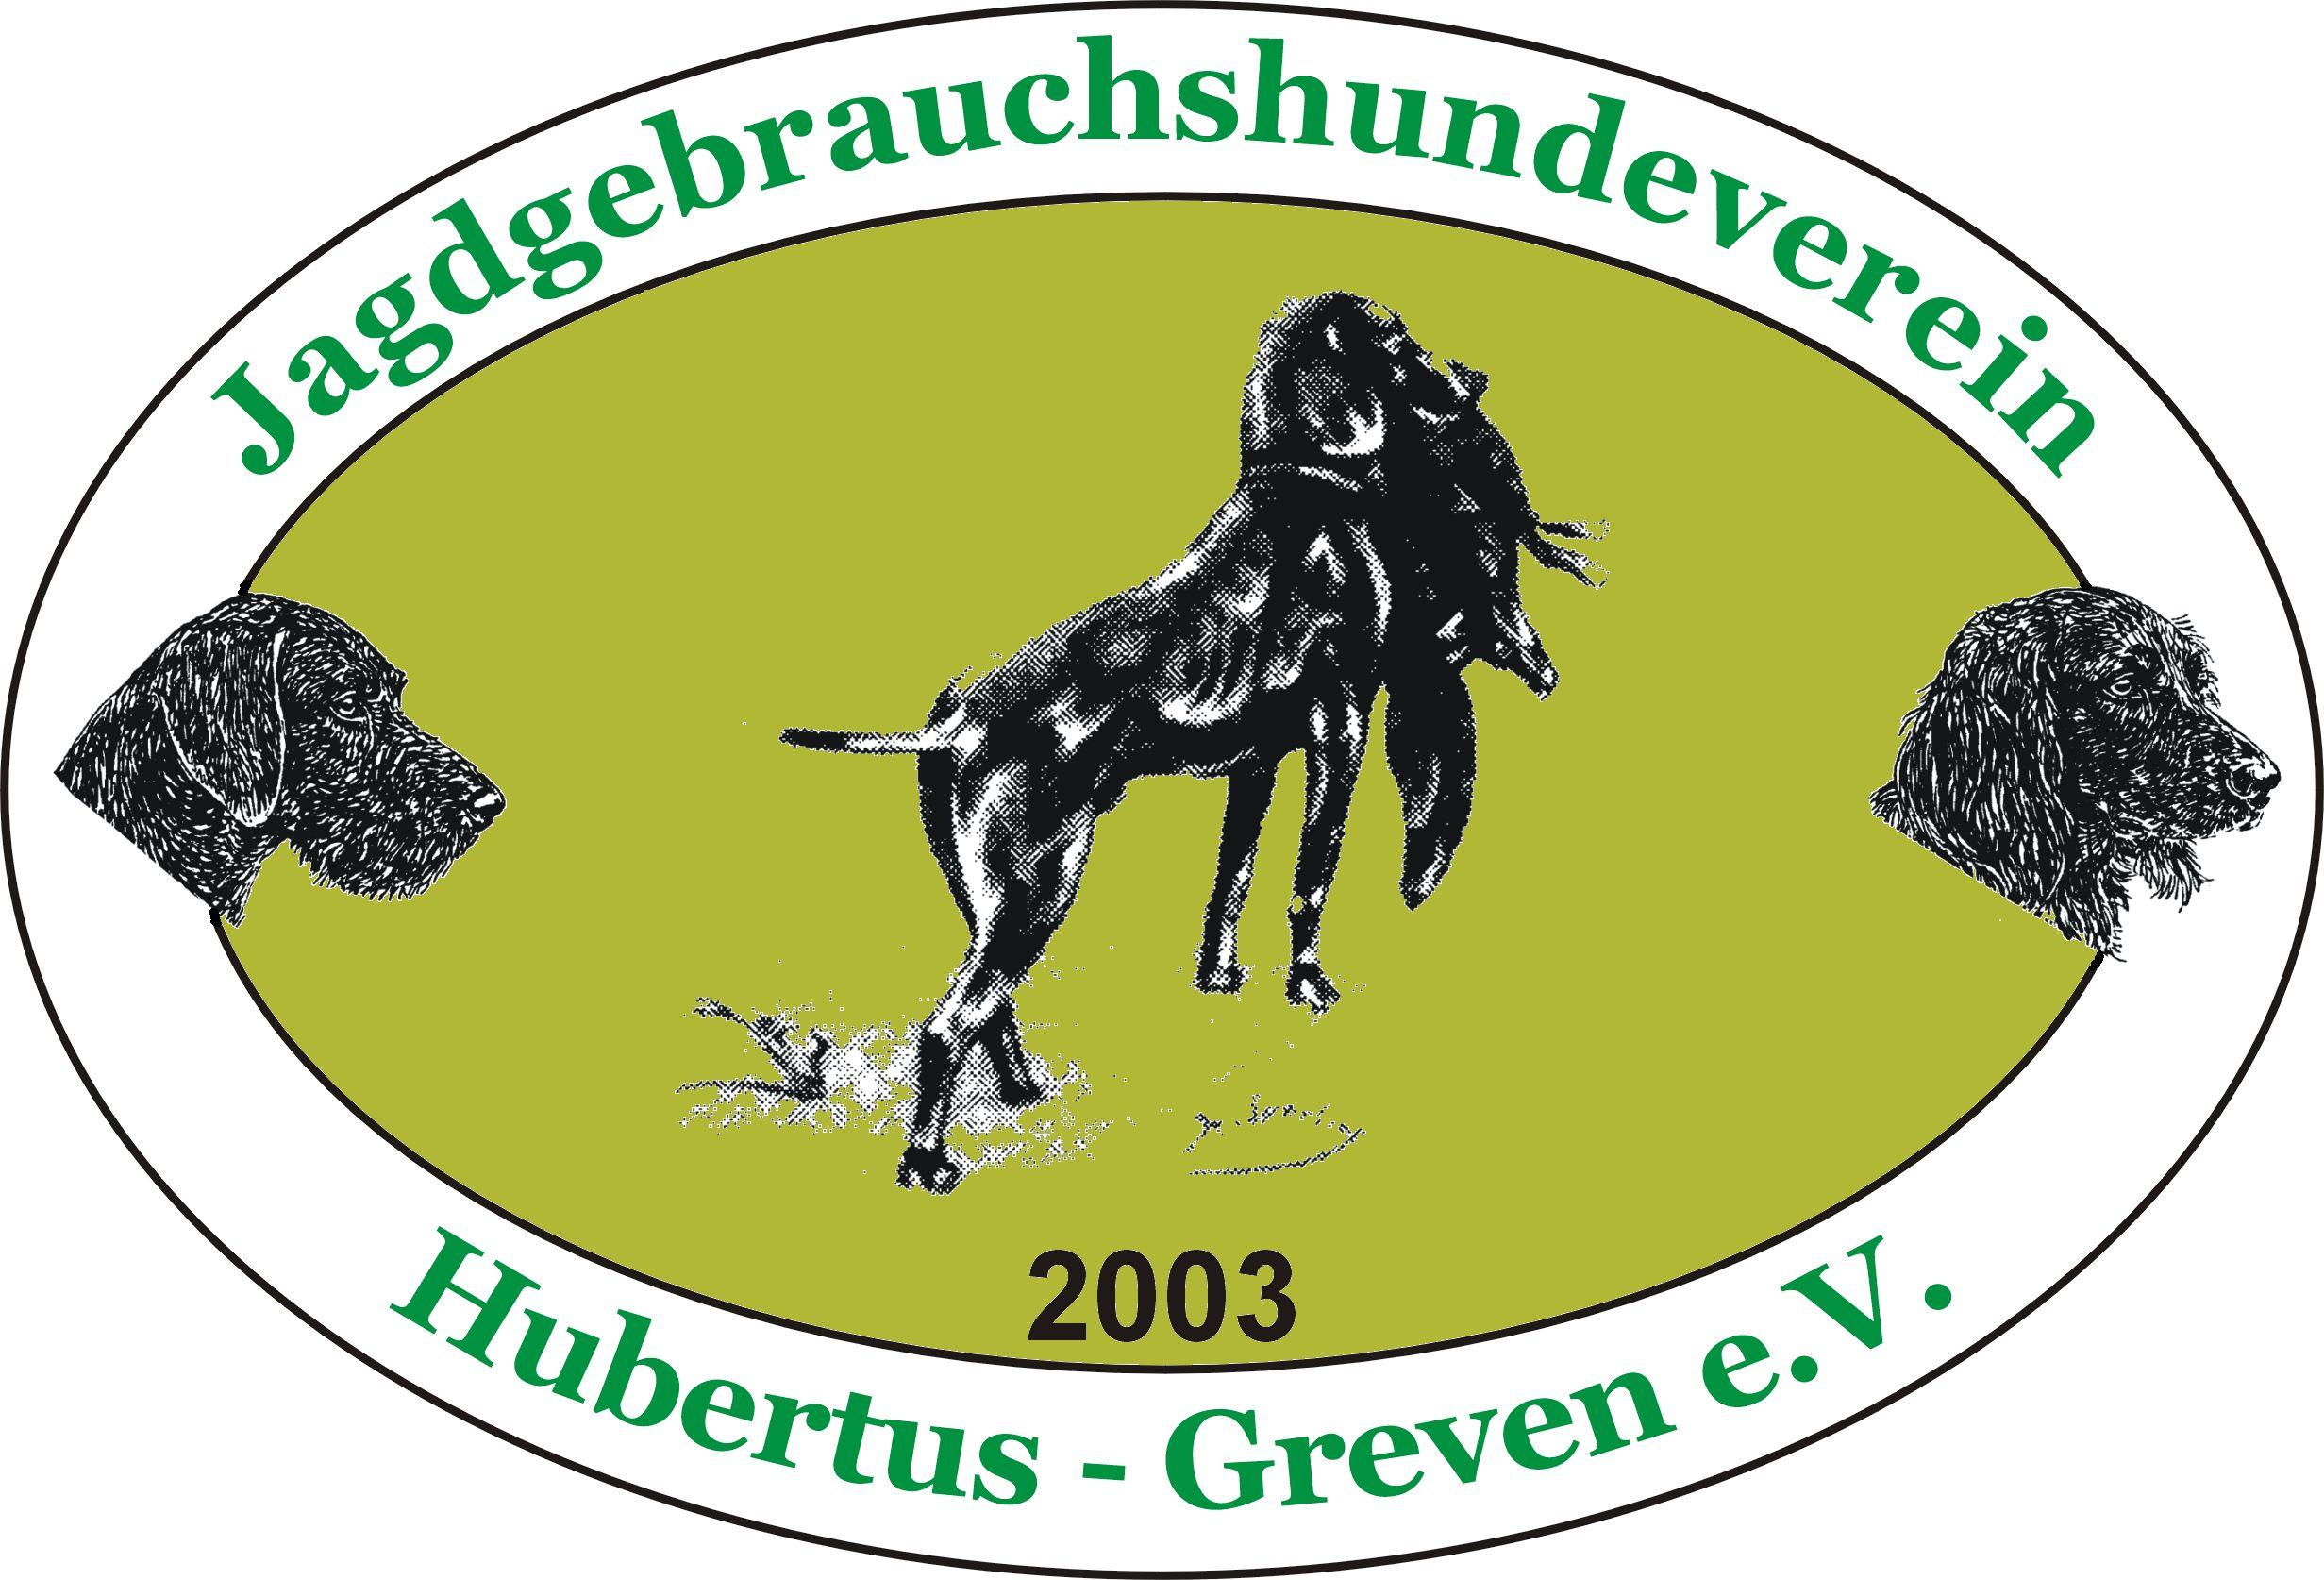 Jagdgebrauchshundeverein Hubertus Greven e.V.